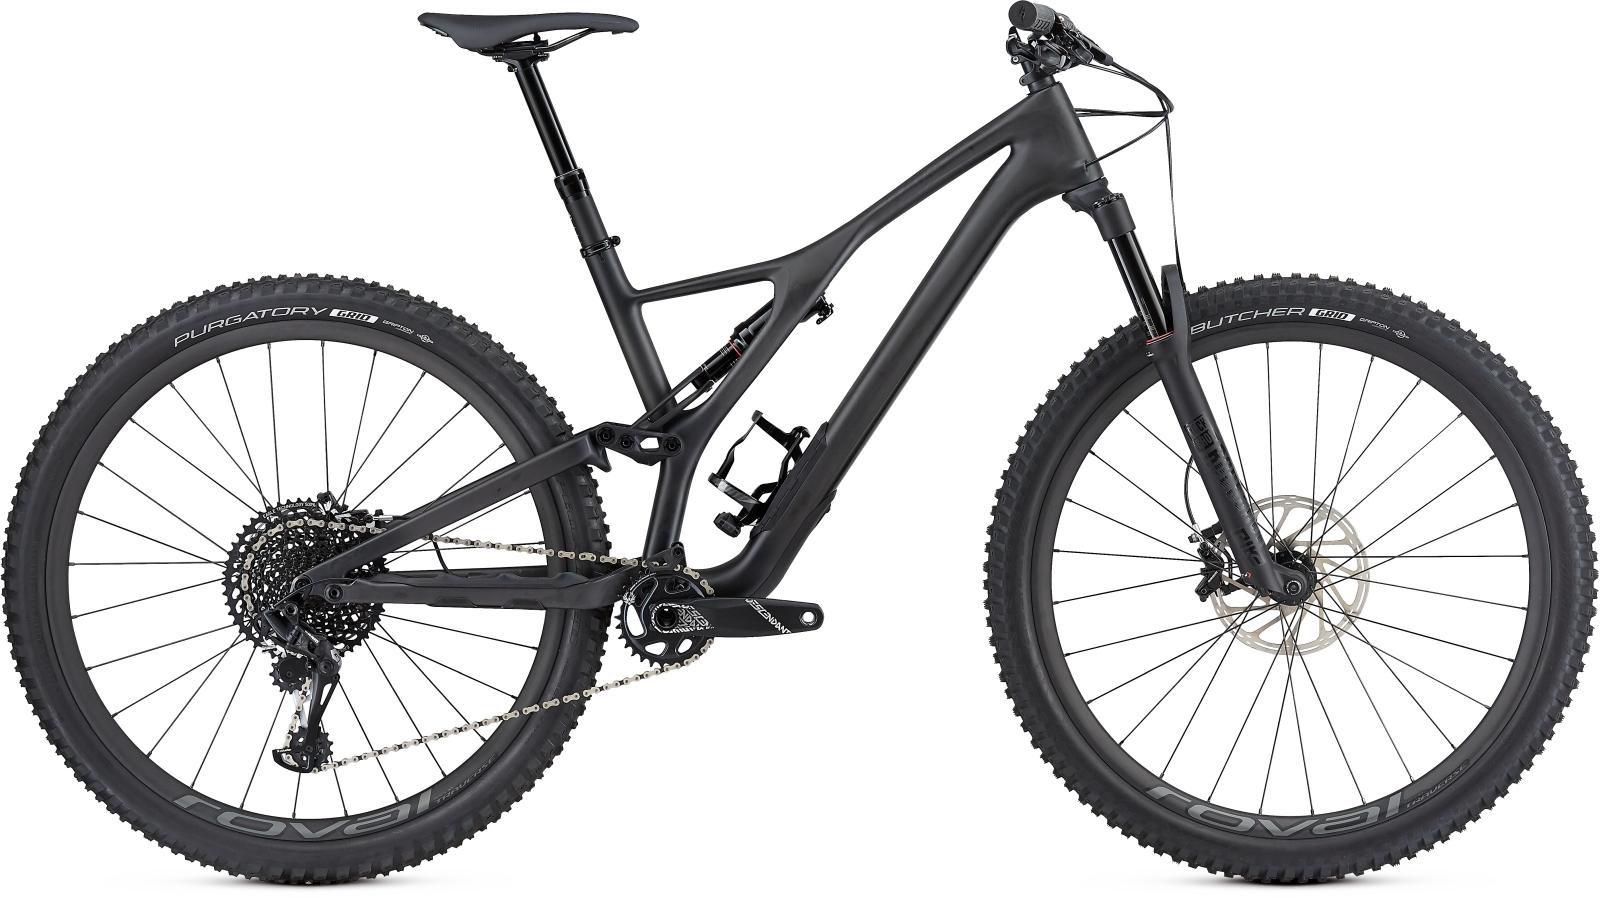 Specialized Men's Stumpjumper ST Expert Carbon 29 - carbon/black M